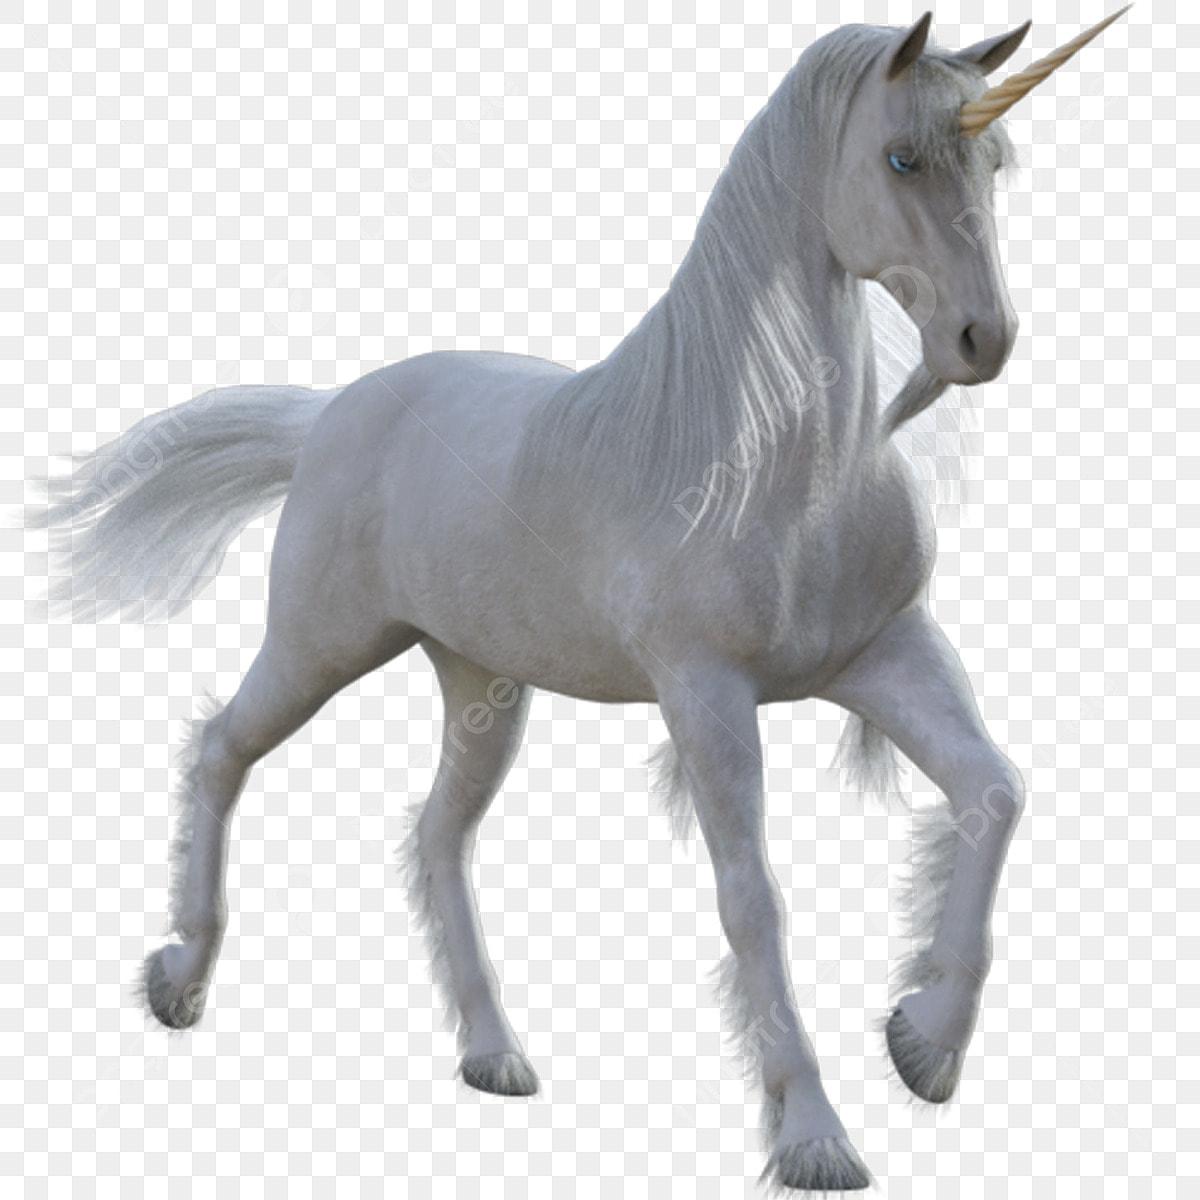 بالون متحرك شخصية الحصان